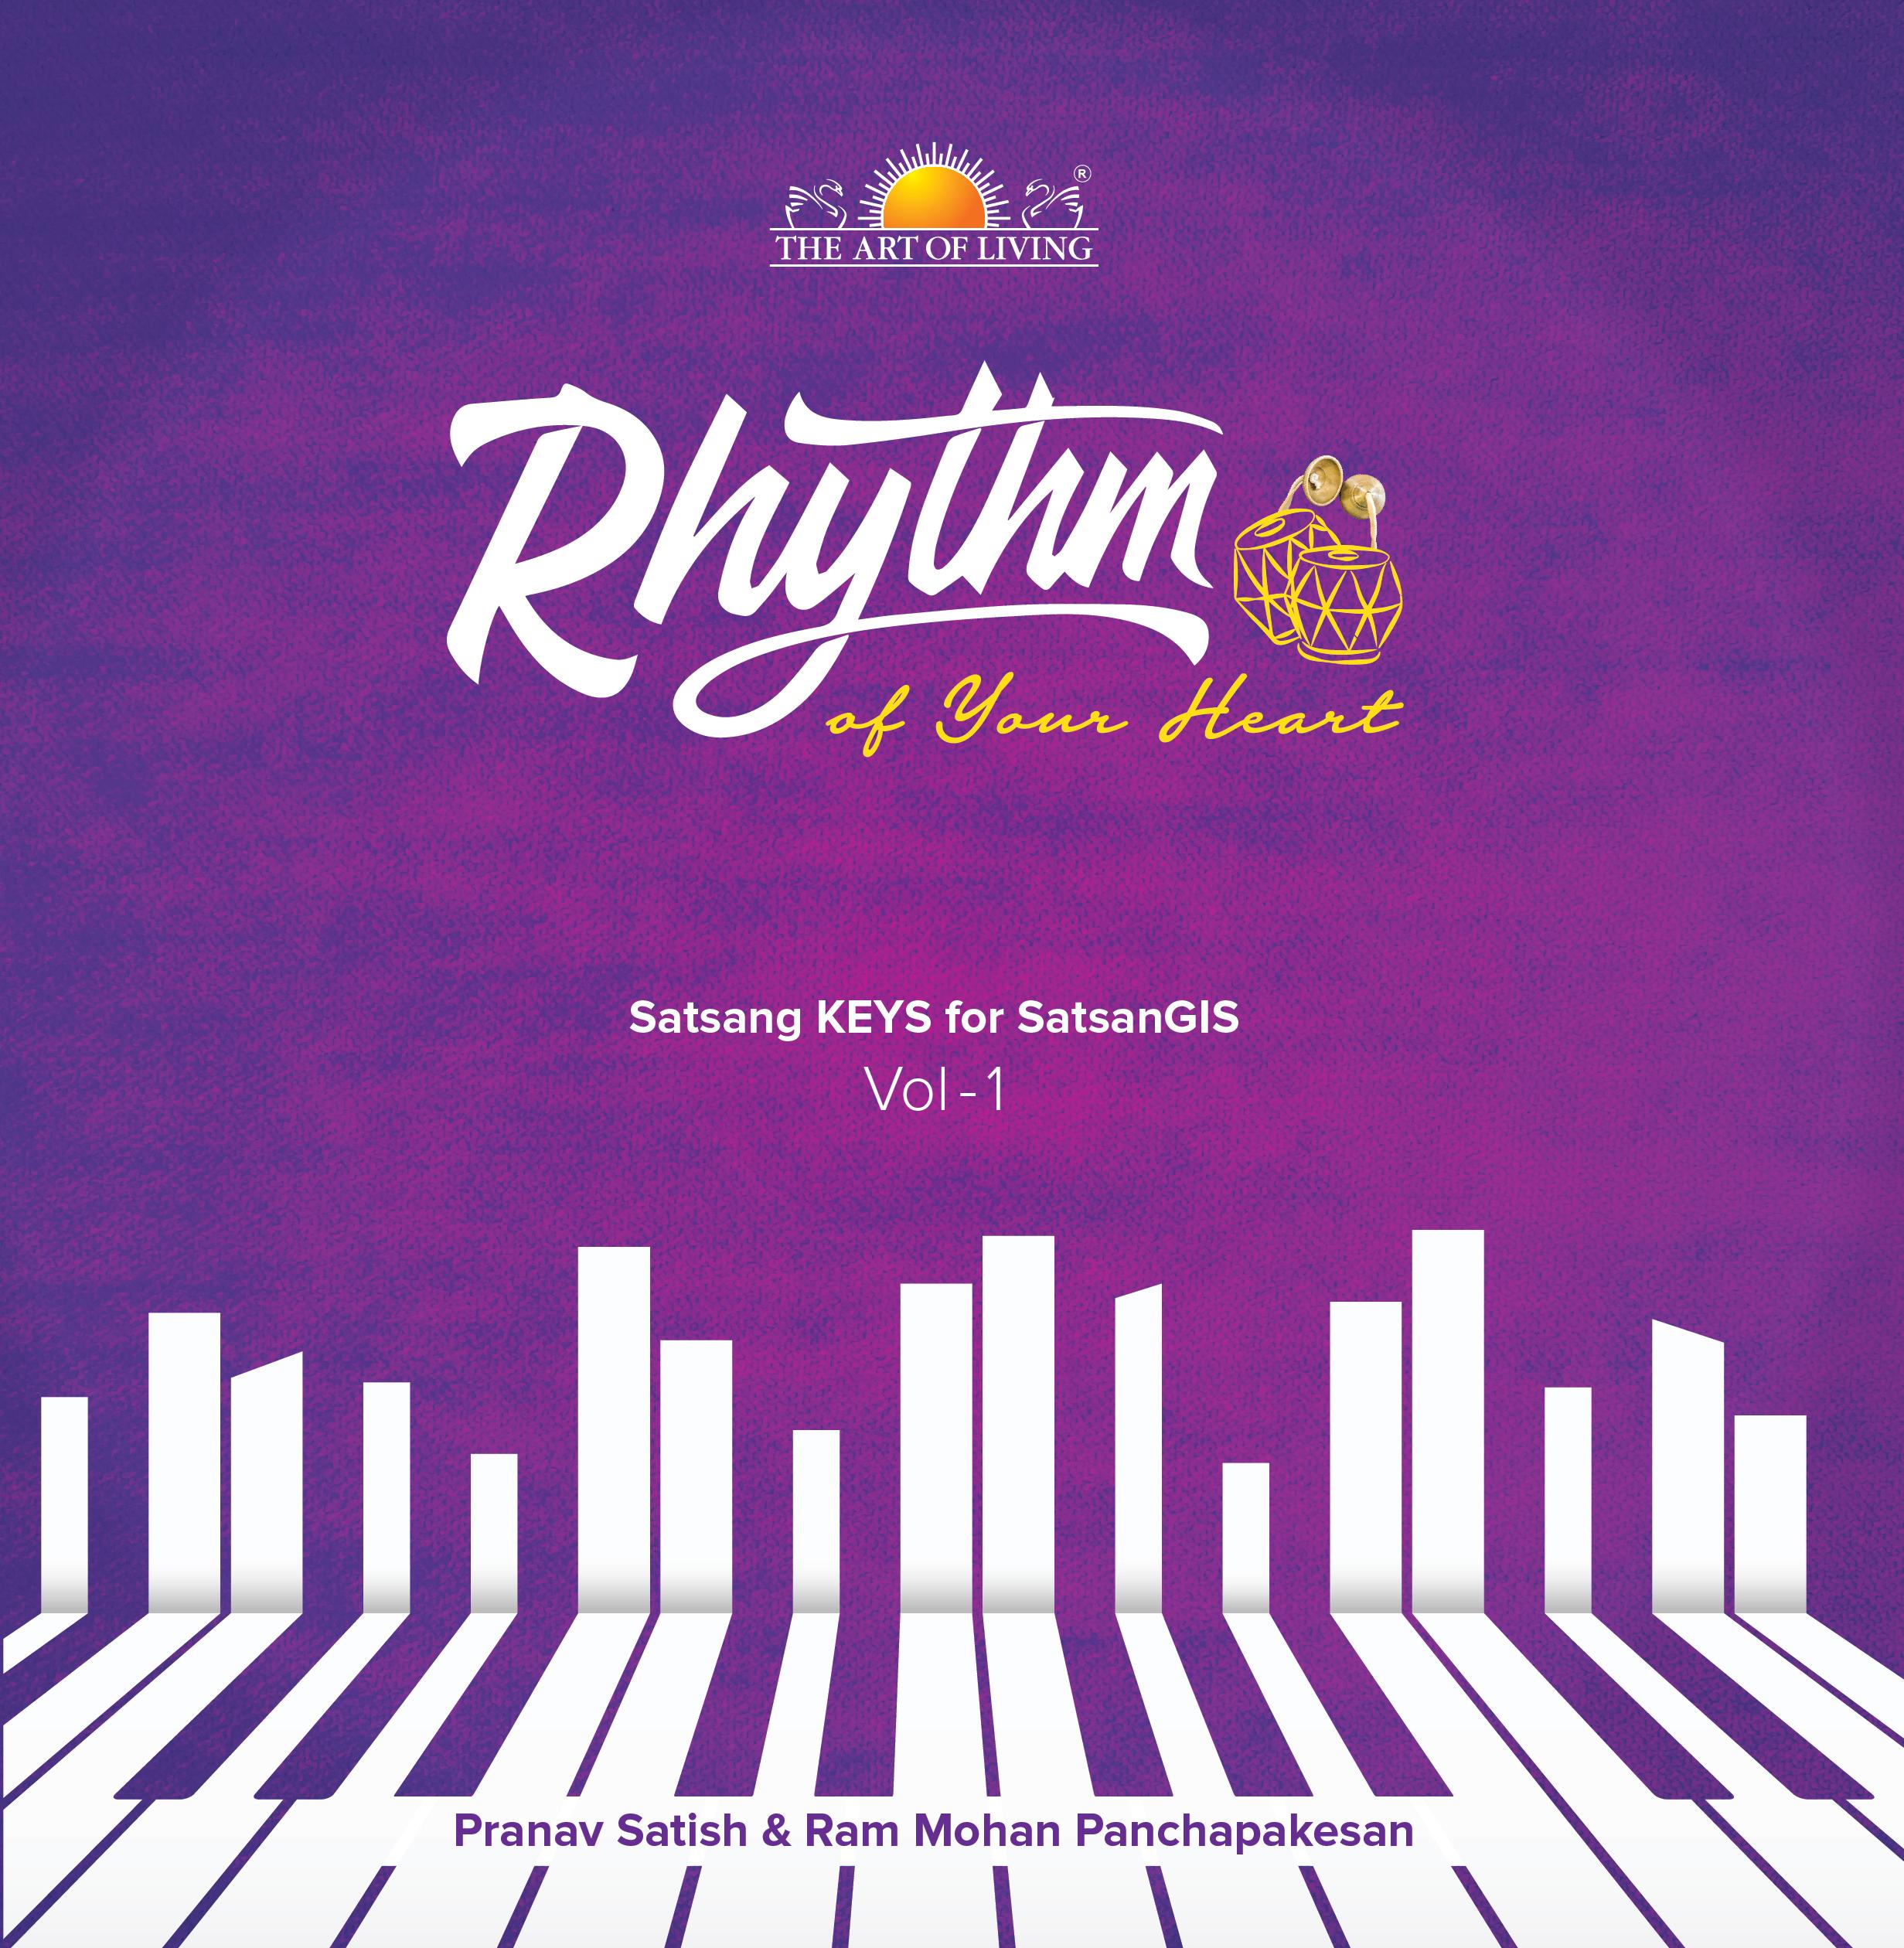 Rhythm of your heart art of living bhajan